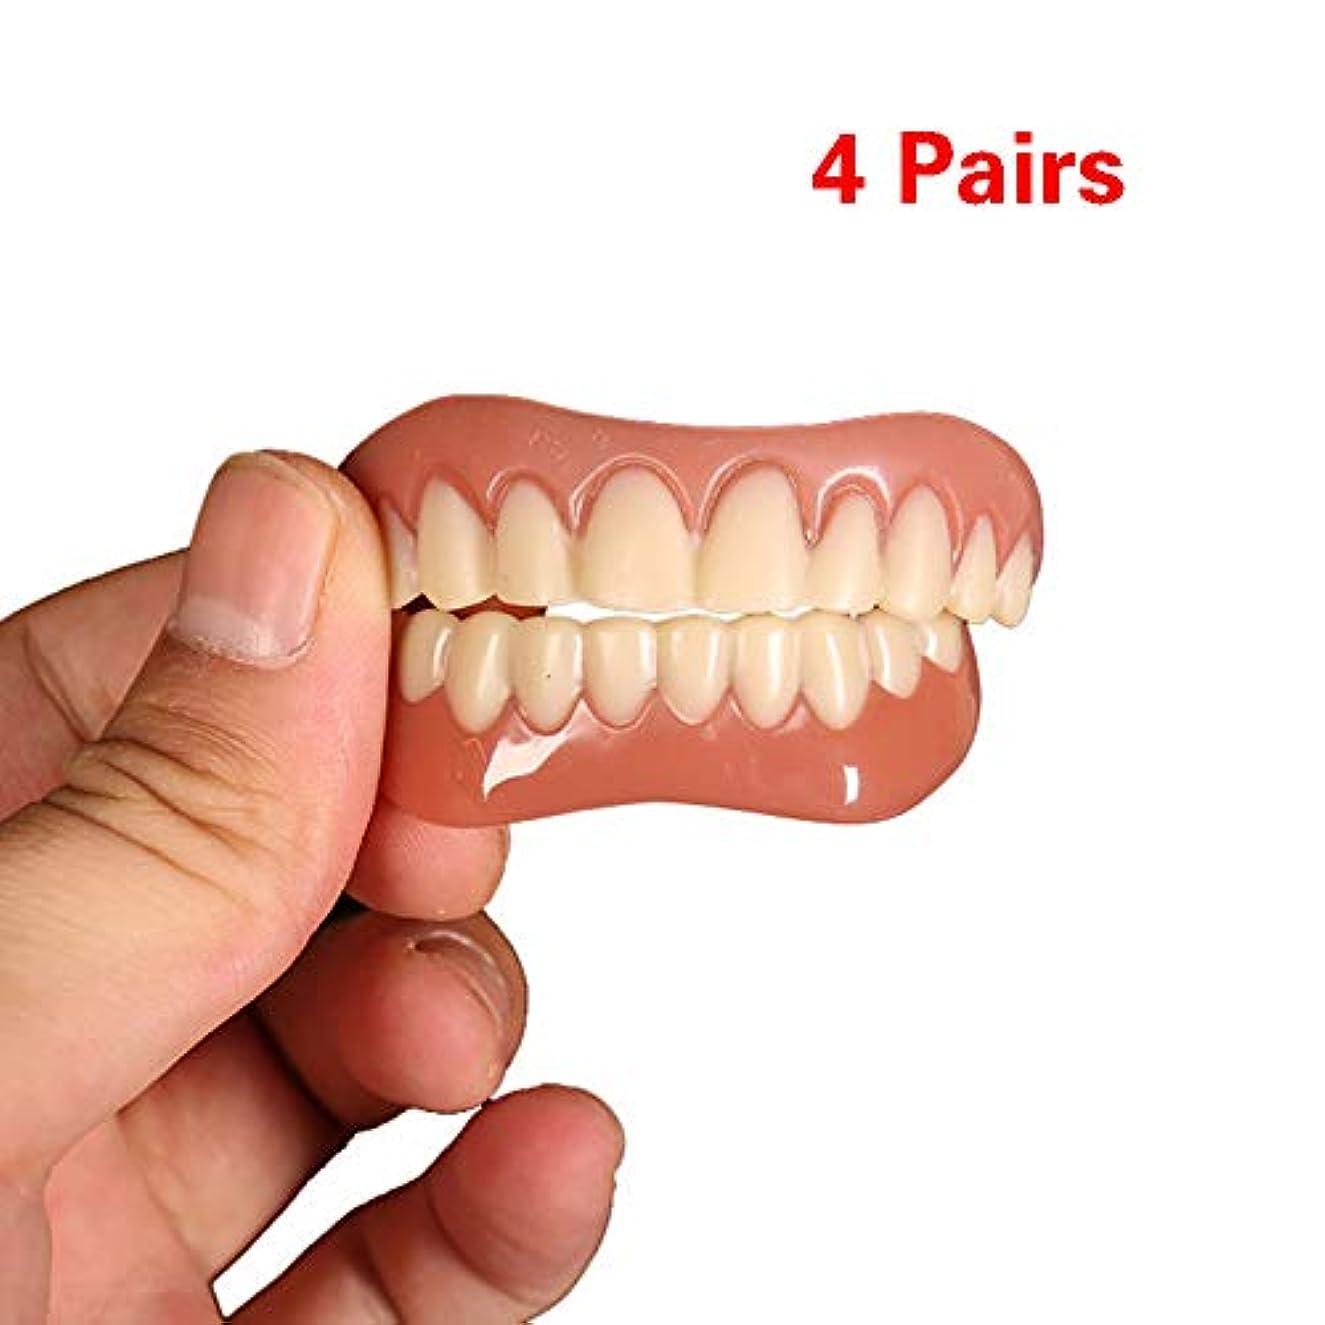 トランペットリスキーな噴水歯の快適さフィットフレックス化粧品の歯義歯歯の上+下化粧品のベニヤシミュレーションブレース